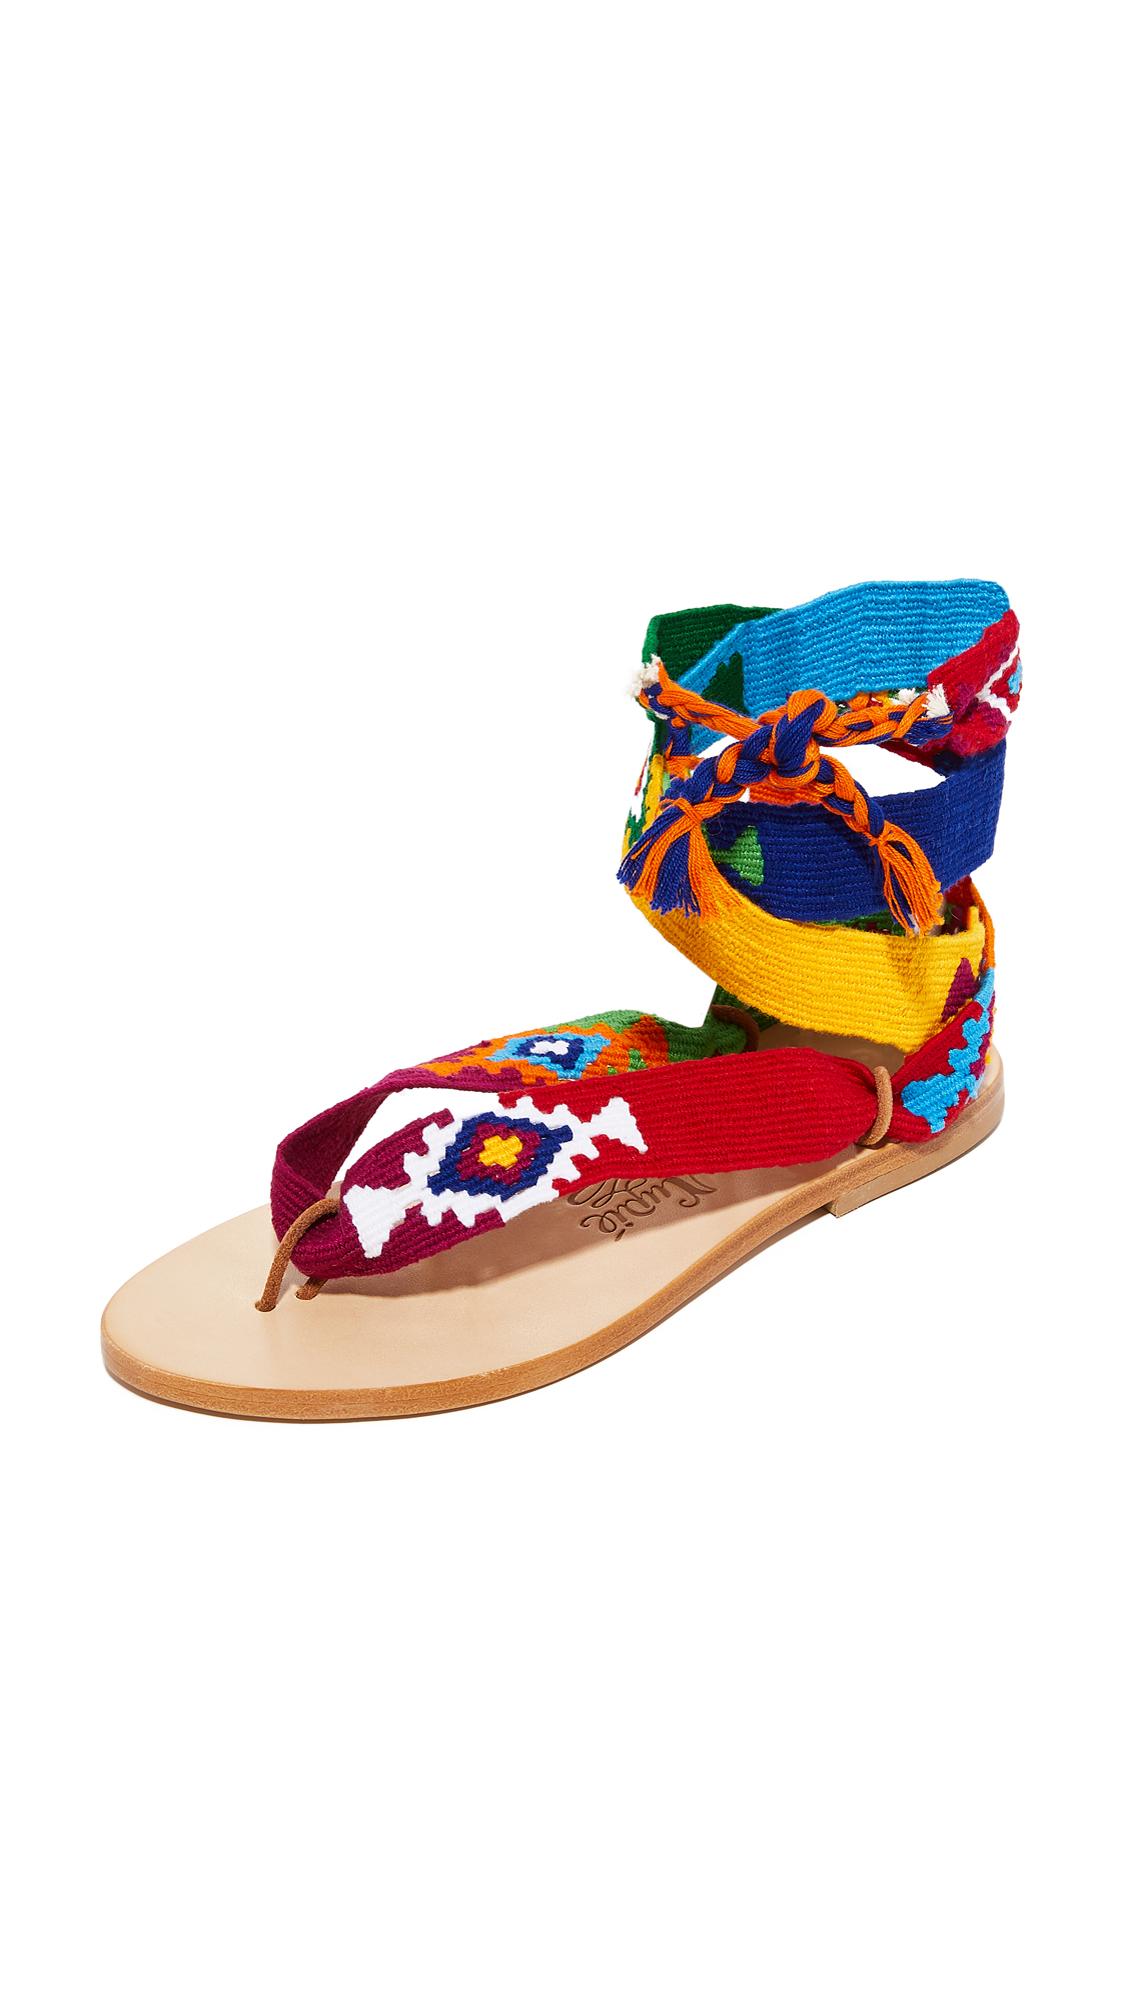 Nupie Nupie Wrap Sandals - Pepito Multico/Natural